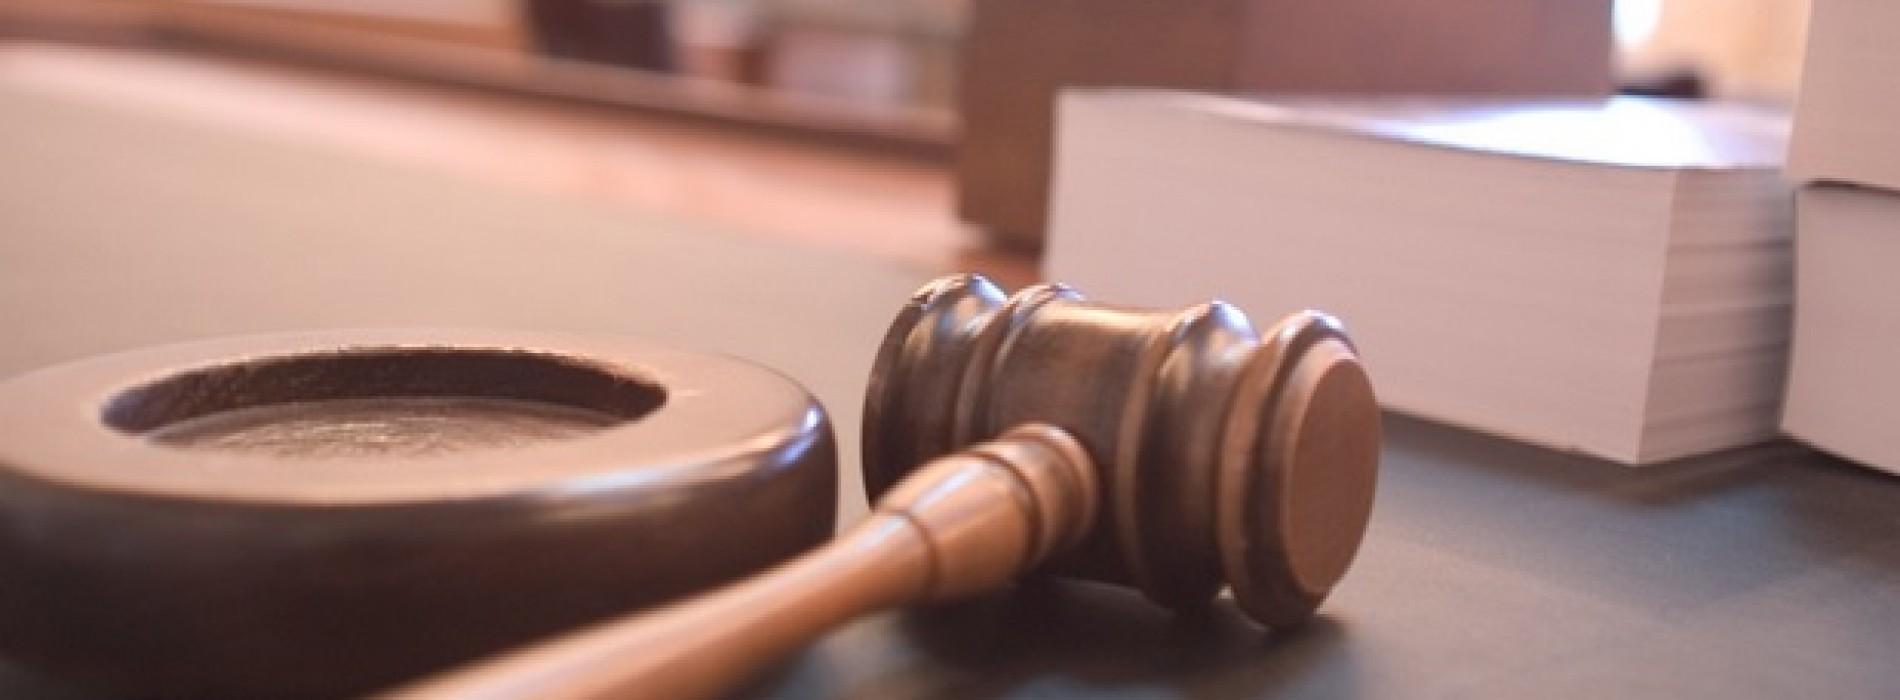 Kiedy sąd może odstąpić od wymierzenia kary?